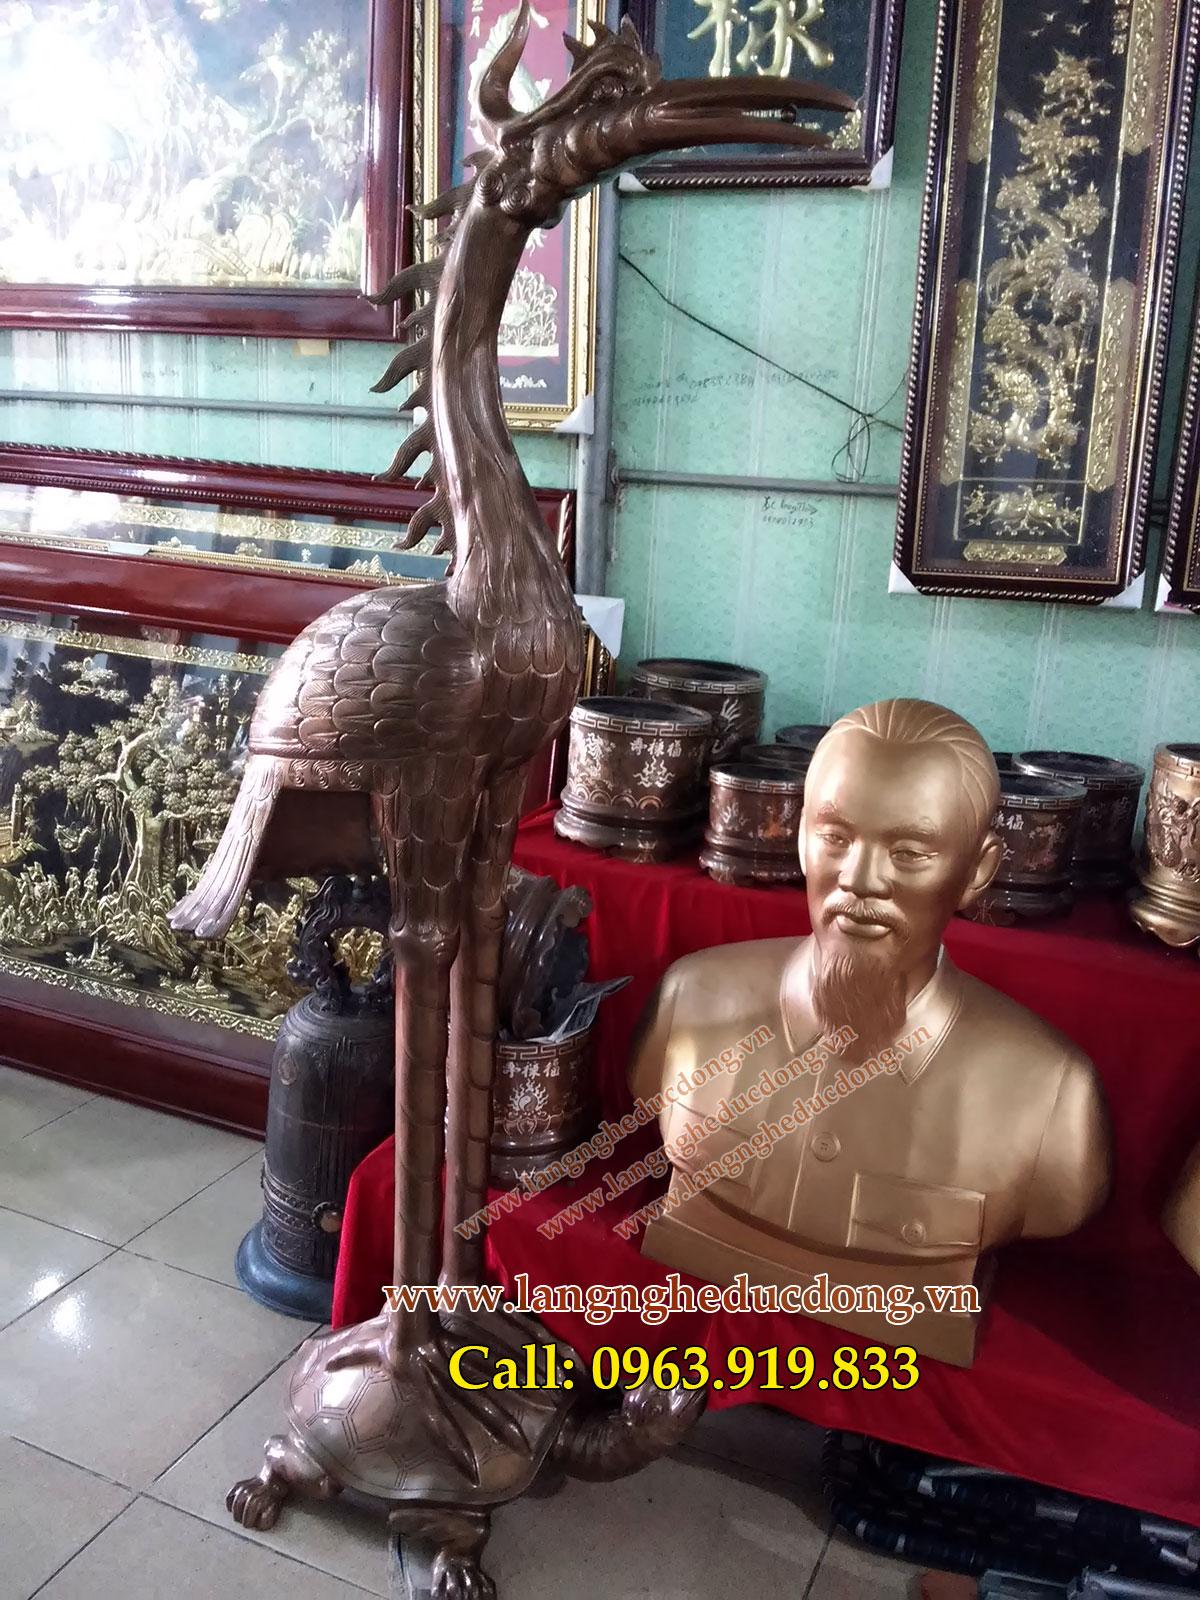 langngheducdong.vn - Hạc đồng, hạc ngậm ngọc 176cm bằng đồng đỏ